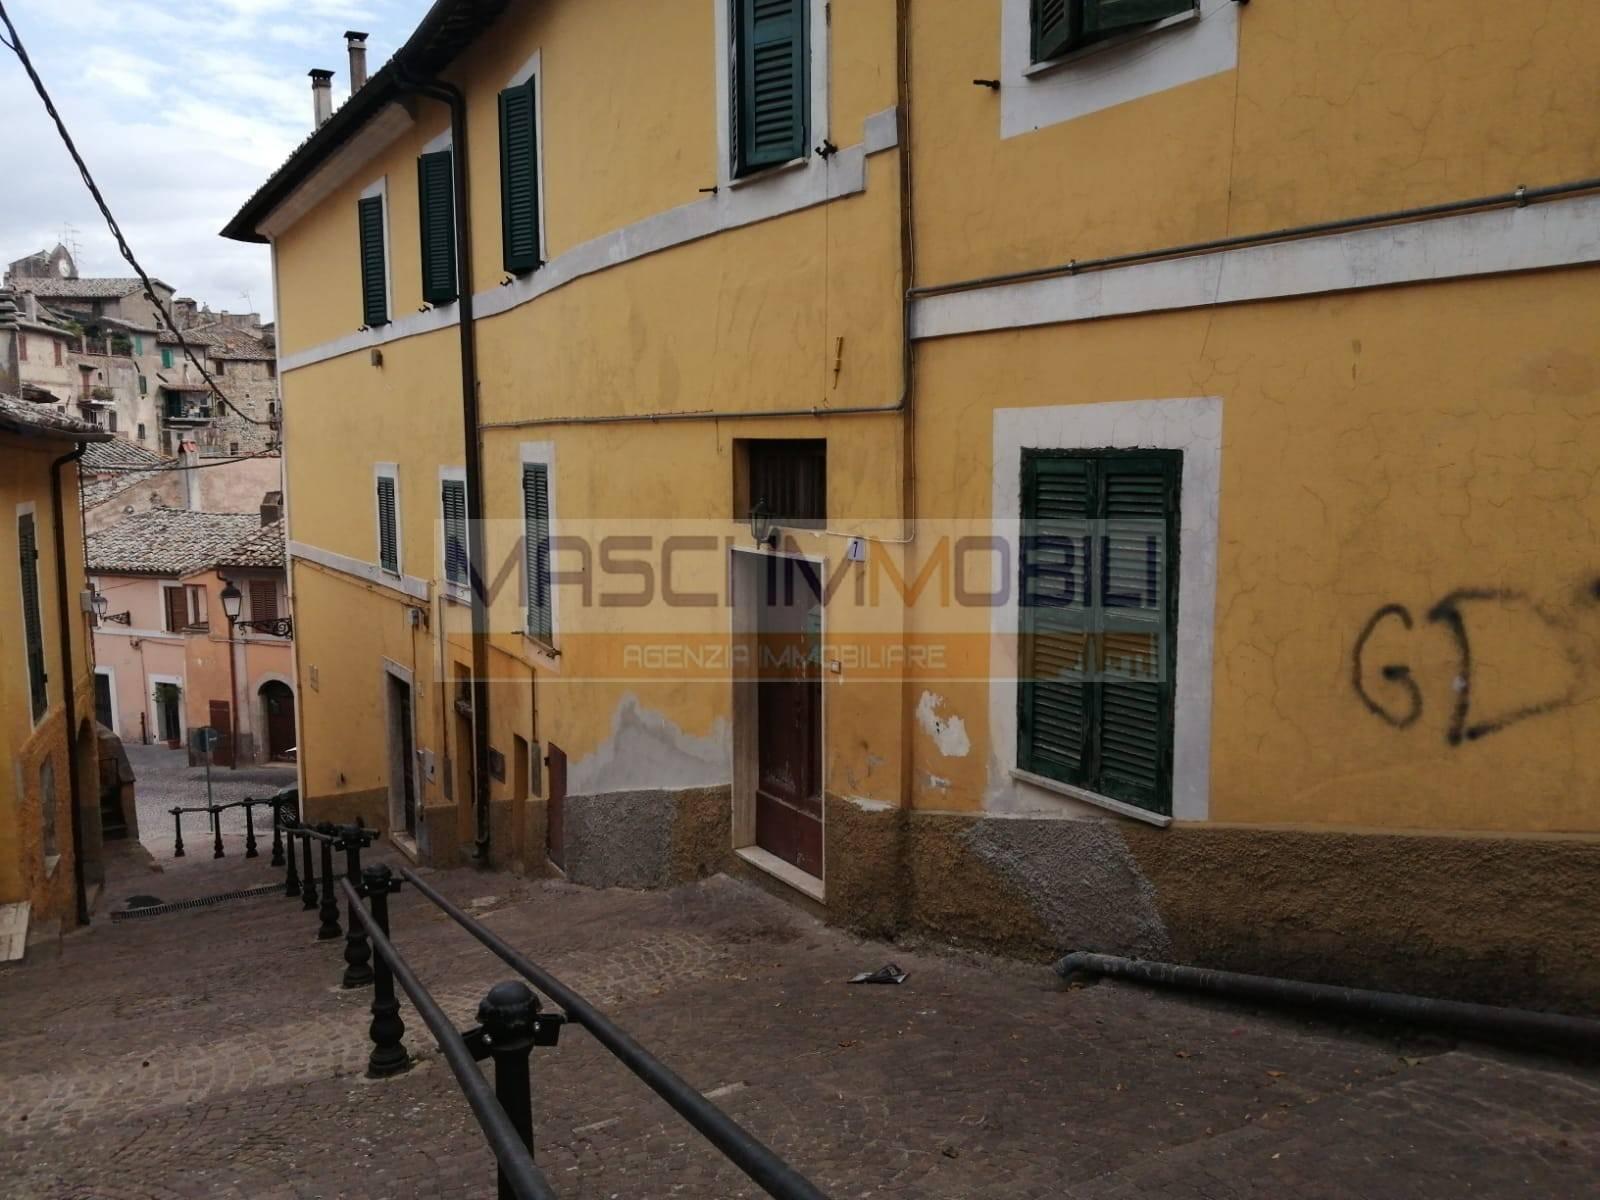 Appartamento in vendita a Nazzano, 2 locali, prezzo € 25.000 | CambioCasa.it